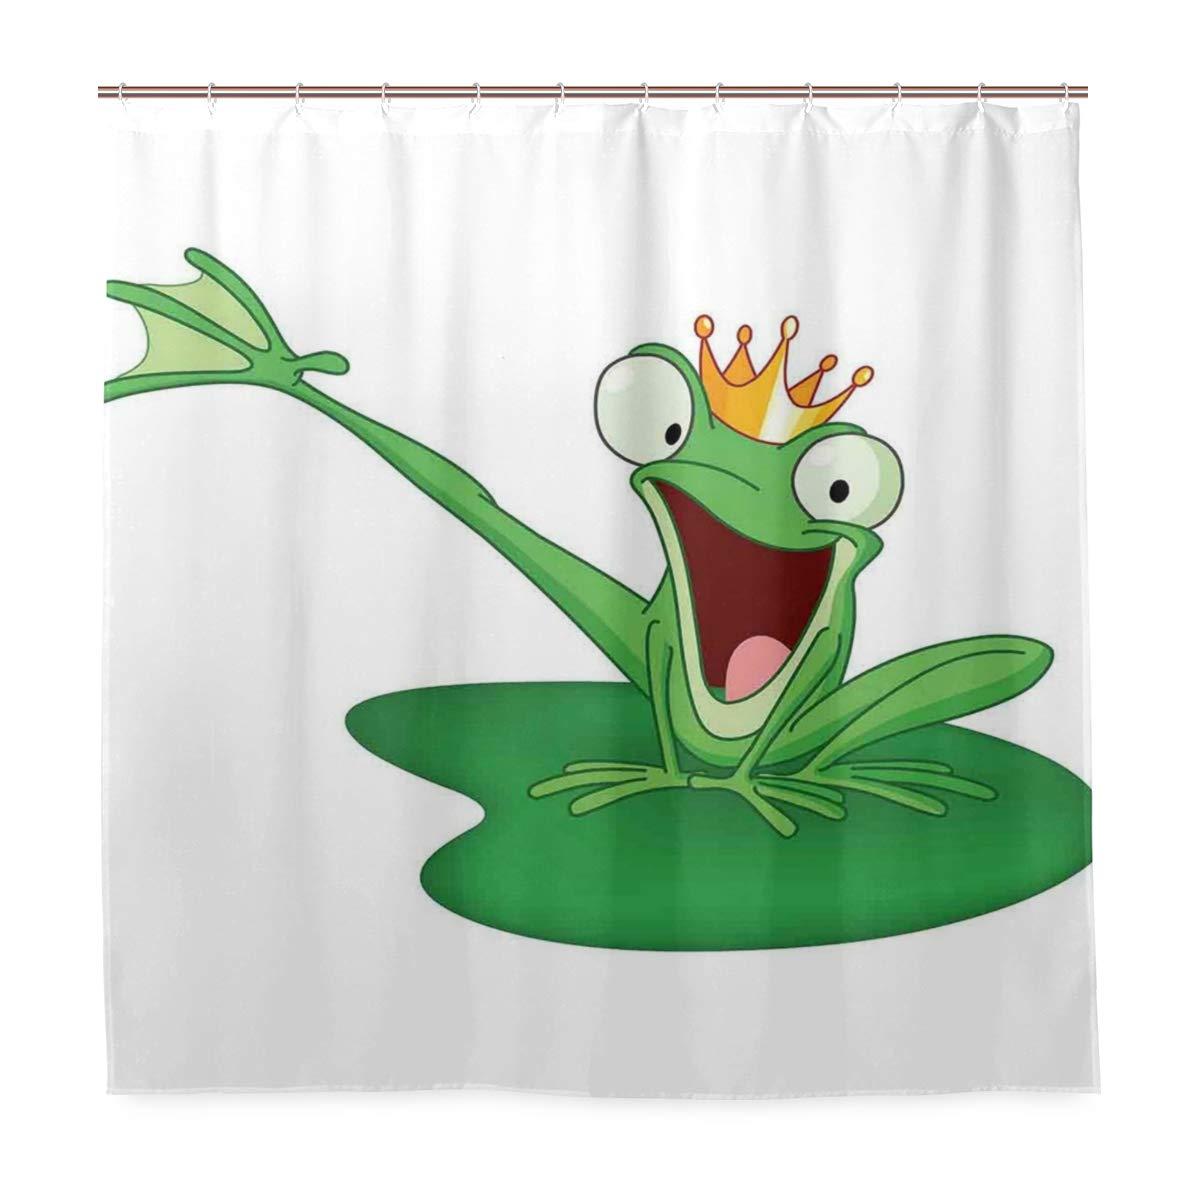 Original cortina de chuveiro sapo feliz príncipe com coroa o lago caráter romântico amor conto de fadas eco-friendly com 12 ganchos em